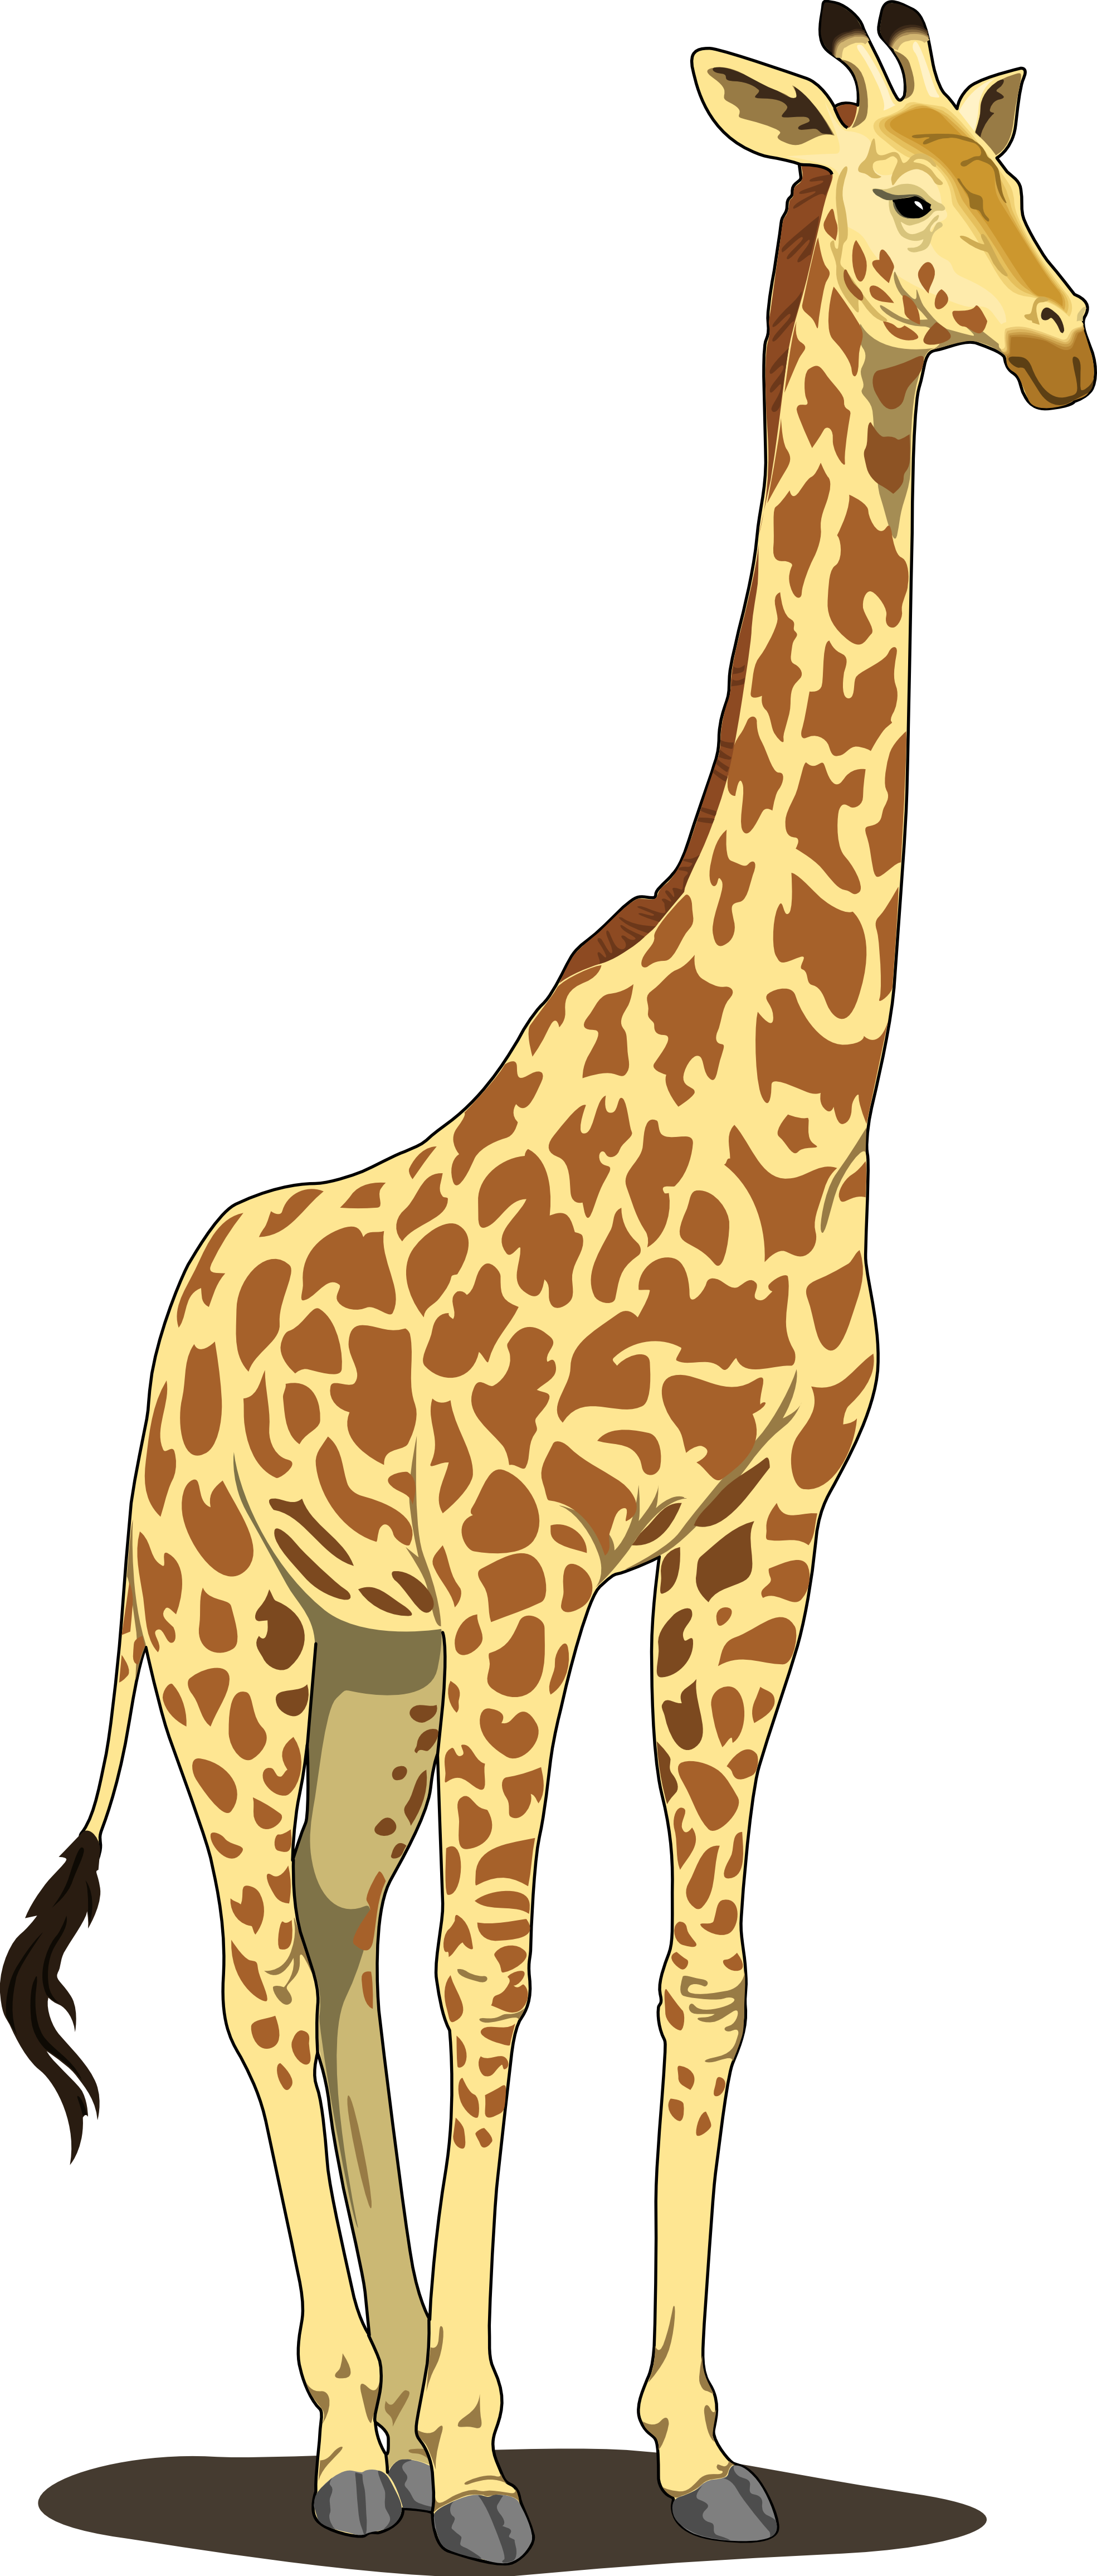 hight resolution of giraffe clipart widescreen 2 hd wallpapers